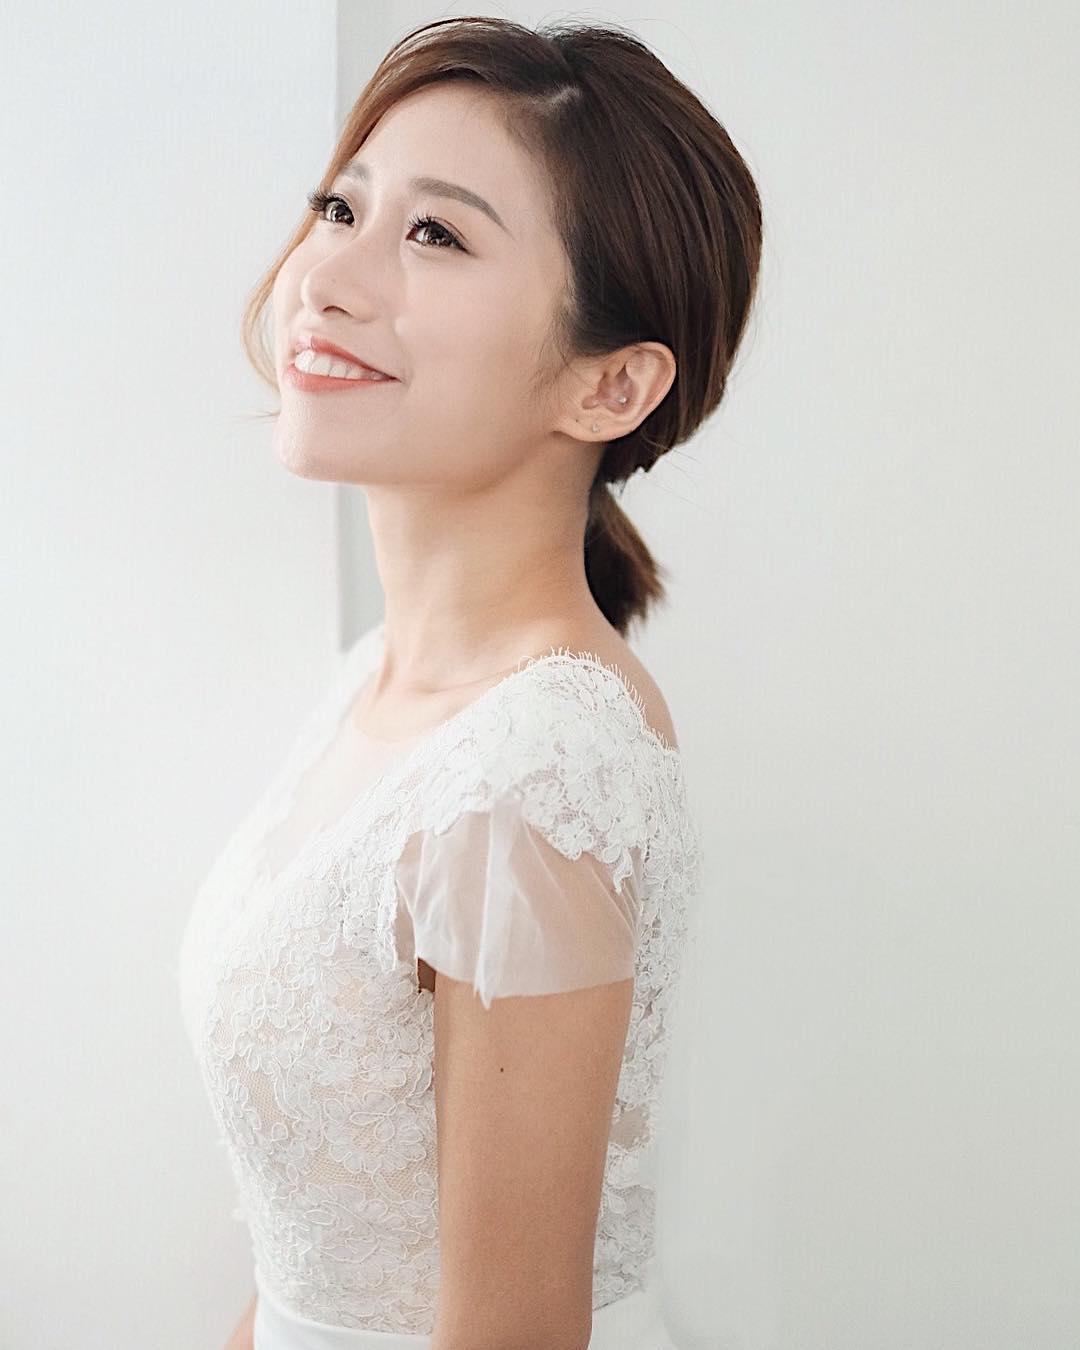 Bạn có thích cách trang điểm cô dâu kiểu Hàn Quốc?